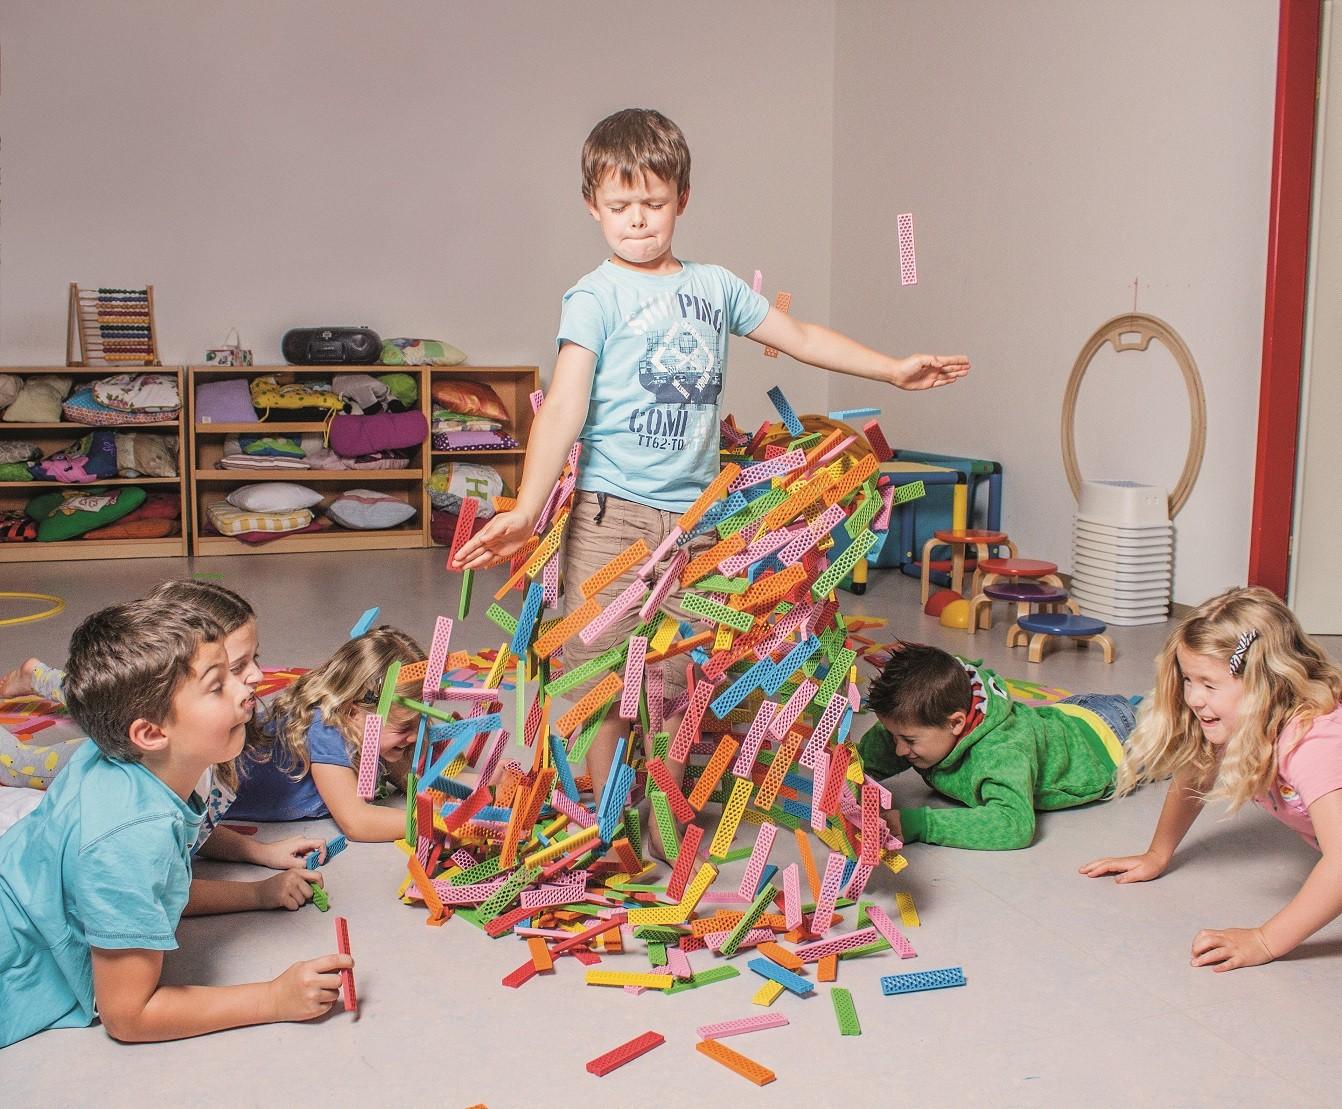 Bioblo, Spielwaren, Bausteine, Spielzeug, Umwelt, Umweltzeichen, Nachhaltigkeit